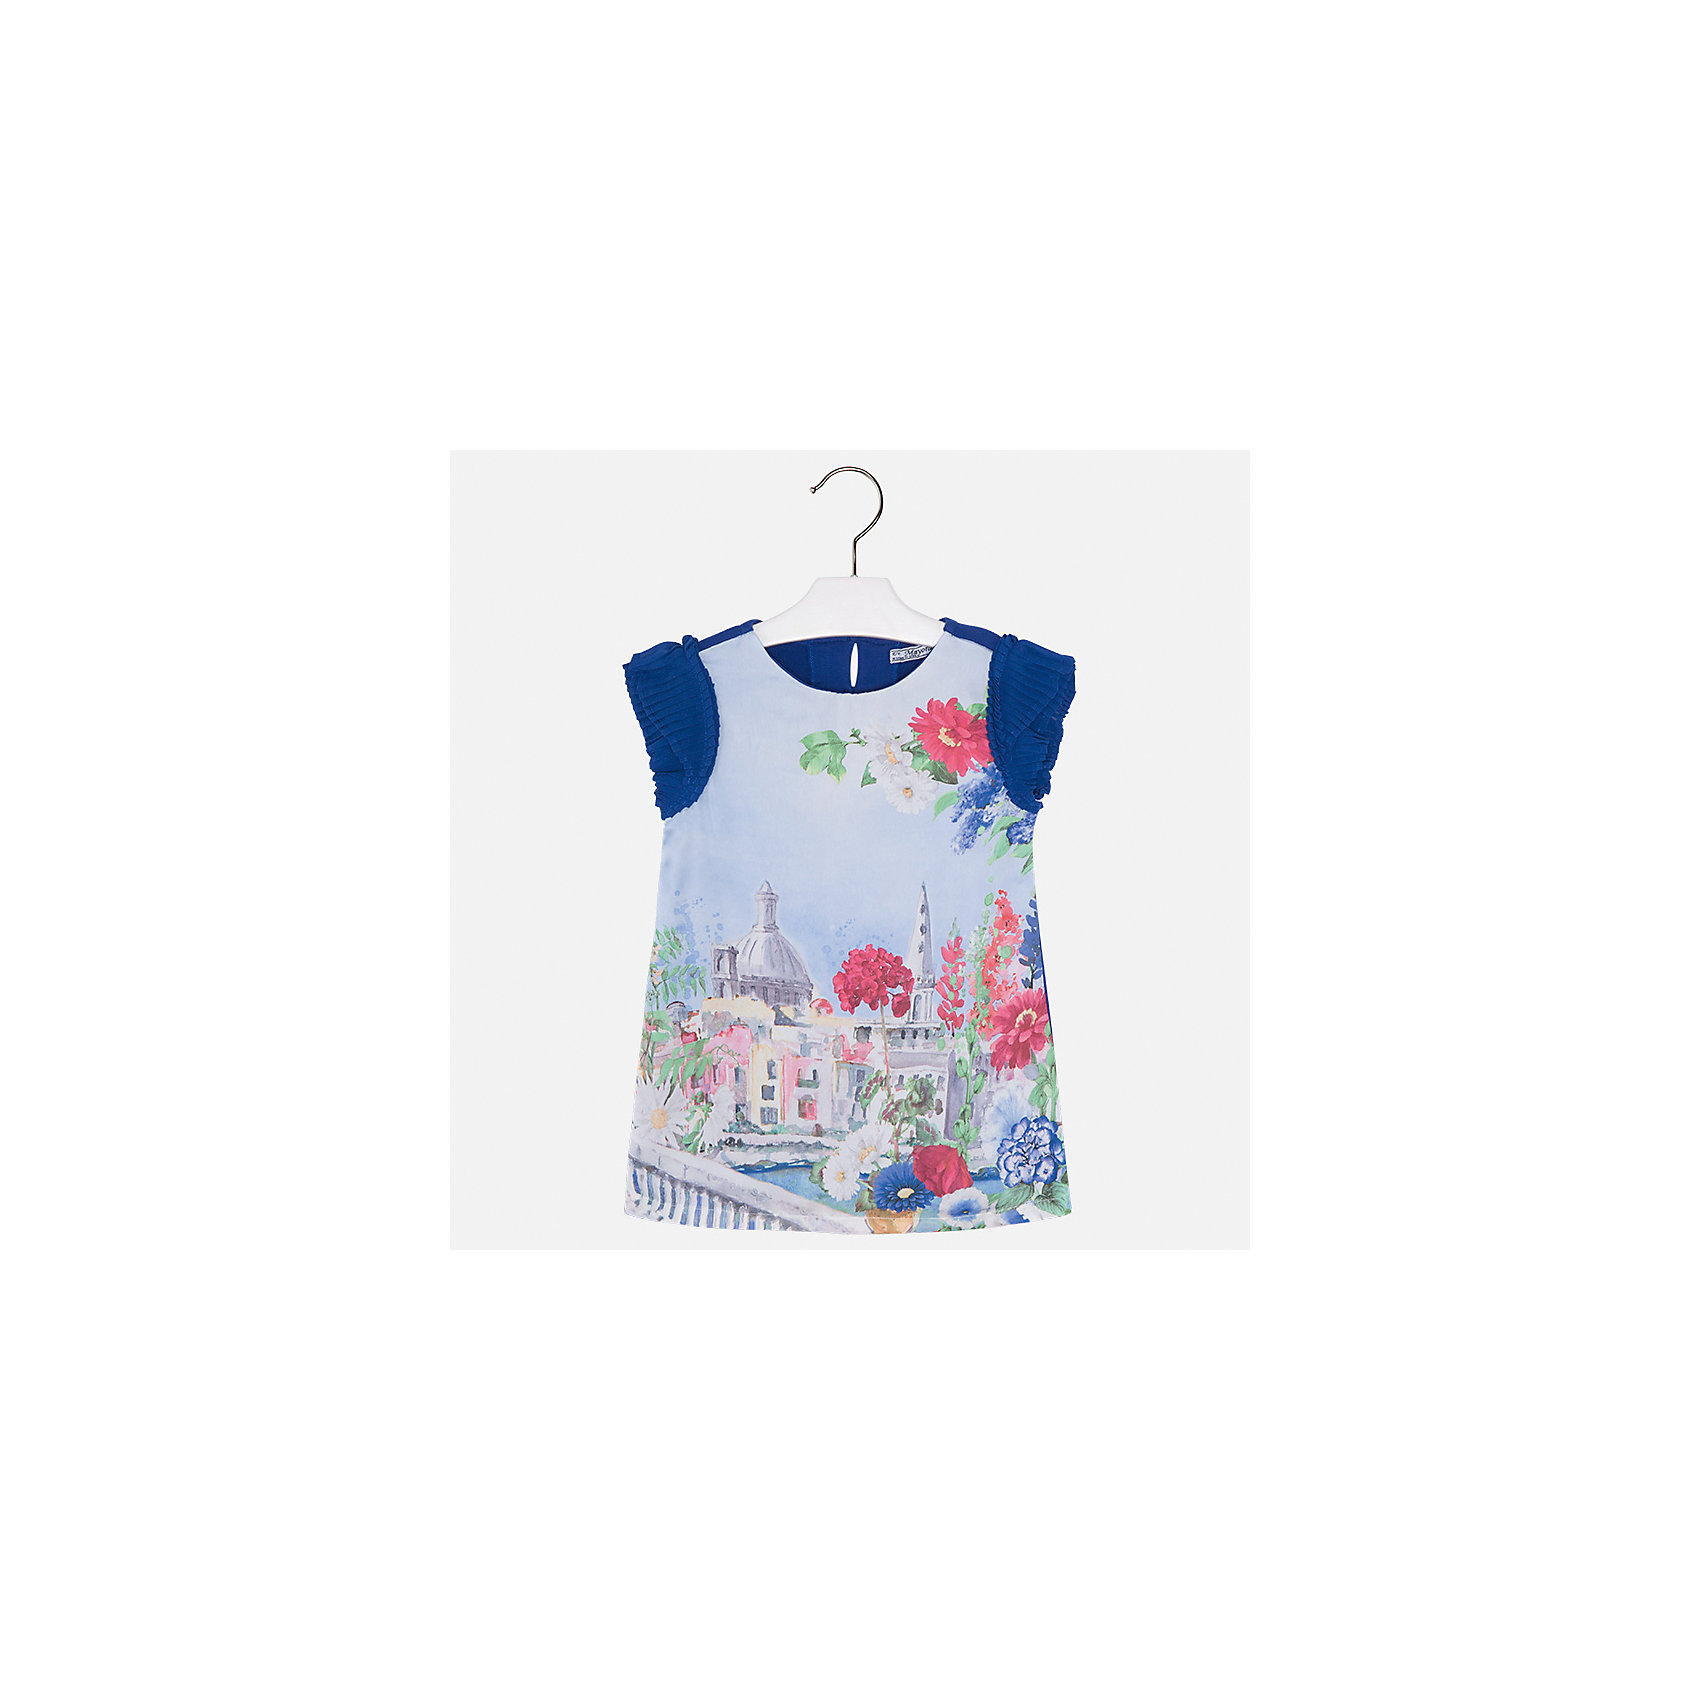 Платье для девочки MayoralЛетние платья и сарафаны<br>Характеристики товара:<br><br>• цвет: синий/голубой<br>• состав: 70% полиэстер, 28% хлопок, 2% эластан, подкладка - 95% хлопок, 5% эластан<br>• застежка: молния<br>• принт<br>• объемные короткие рукава<br>• прямой силуэт<br>• с подкладкой<br>• страна бренда: Испания<br><br>Эффектное платье для девочки поможет разнообразить гардероб ребенка и создать эффектный наряд. Оно отлично подойдет и для торжественных случаев. Красивый оттенок позволяет подобрать к вещи обувь разных расцветок. В составе материала подкладки - натуральный хлопок, гипоаллергенный, приятный на ощупь, дышащий. Платье хорошо сидит по фигуре.<br><br>Одежда, обувь и аксессуары от испанского бренда Mayoral полюбились детям и взрослым по всему миру. Модели этой марки - стильные и удобные. Для их производства используются только безопасные, качественные материалы и фурнитура. Порадуйте ребенка модными и красивыми вещами от Mayoral! <br><br>Платье для девочки от испанского бренда Mayoral (Майорал) можно купить в нашем интернет-магазине.<br><br>Ширина мм: 236<br>Глубина мм: 16<br>Высота мм: 184<br>Вес г: 177<br>Цвет: синий<br>Возраст от месяцев: 96<br>Возраст до месяцев: 108<br>Пол: Женский<br>Возраст: Детский<br>Размер: 134,92,98,104,110,116,122,128<br>SKU: 5291207